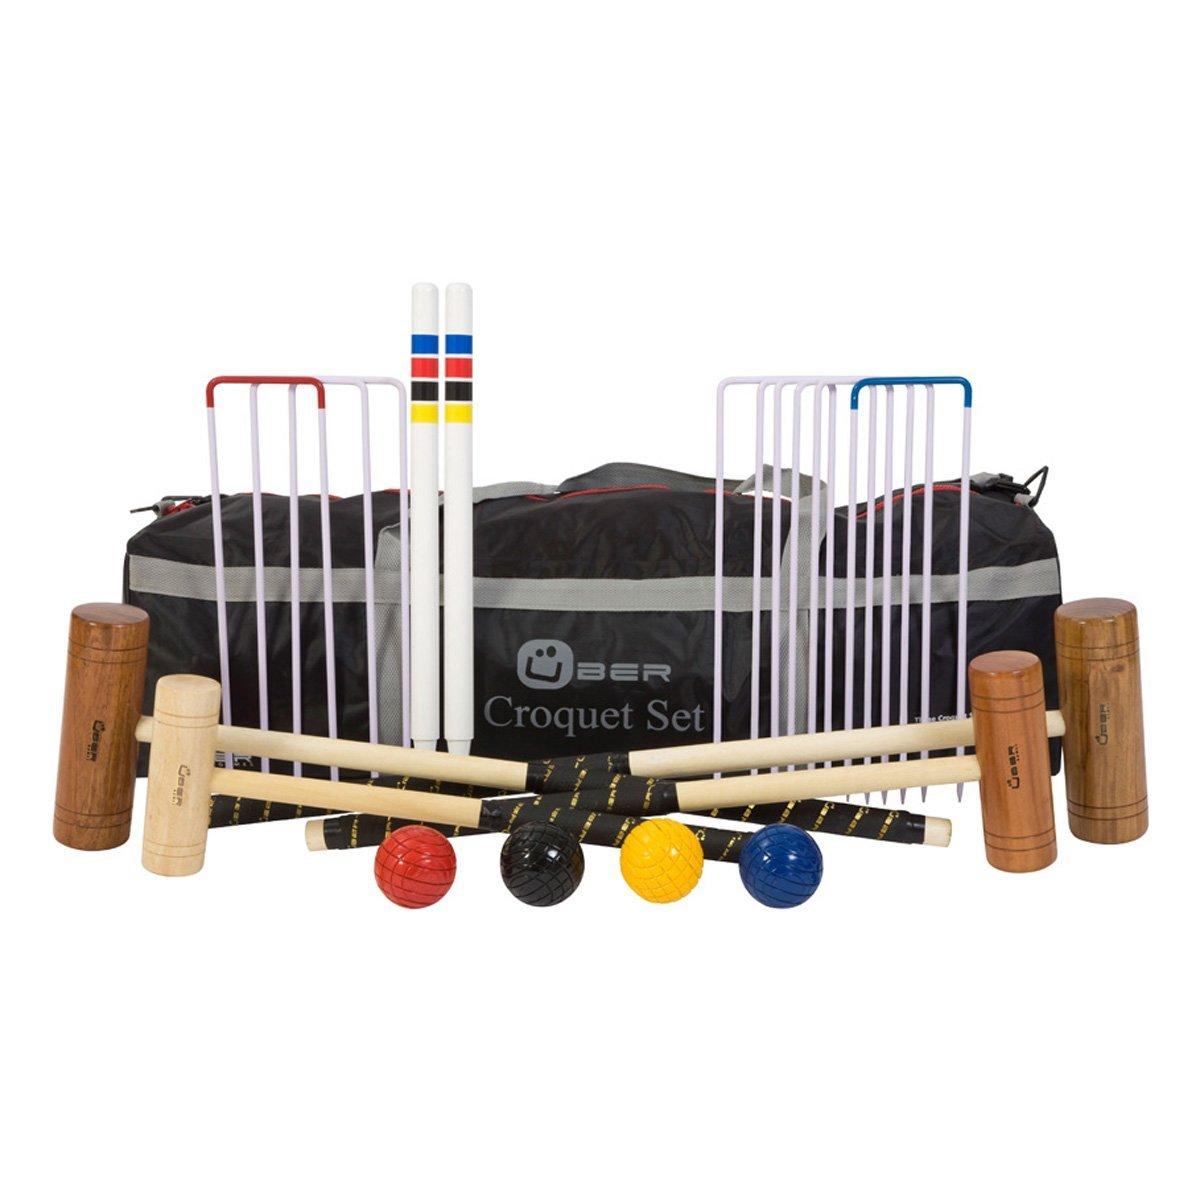 Hochwertiges Einsteiger Family Croquet / Krocket Set mit Nylontasche (4 Spieler)